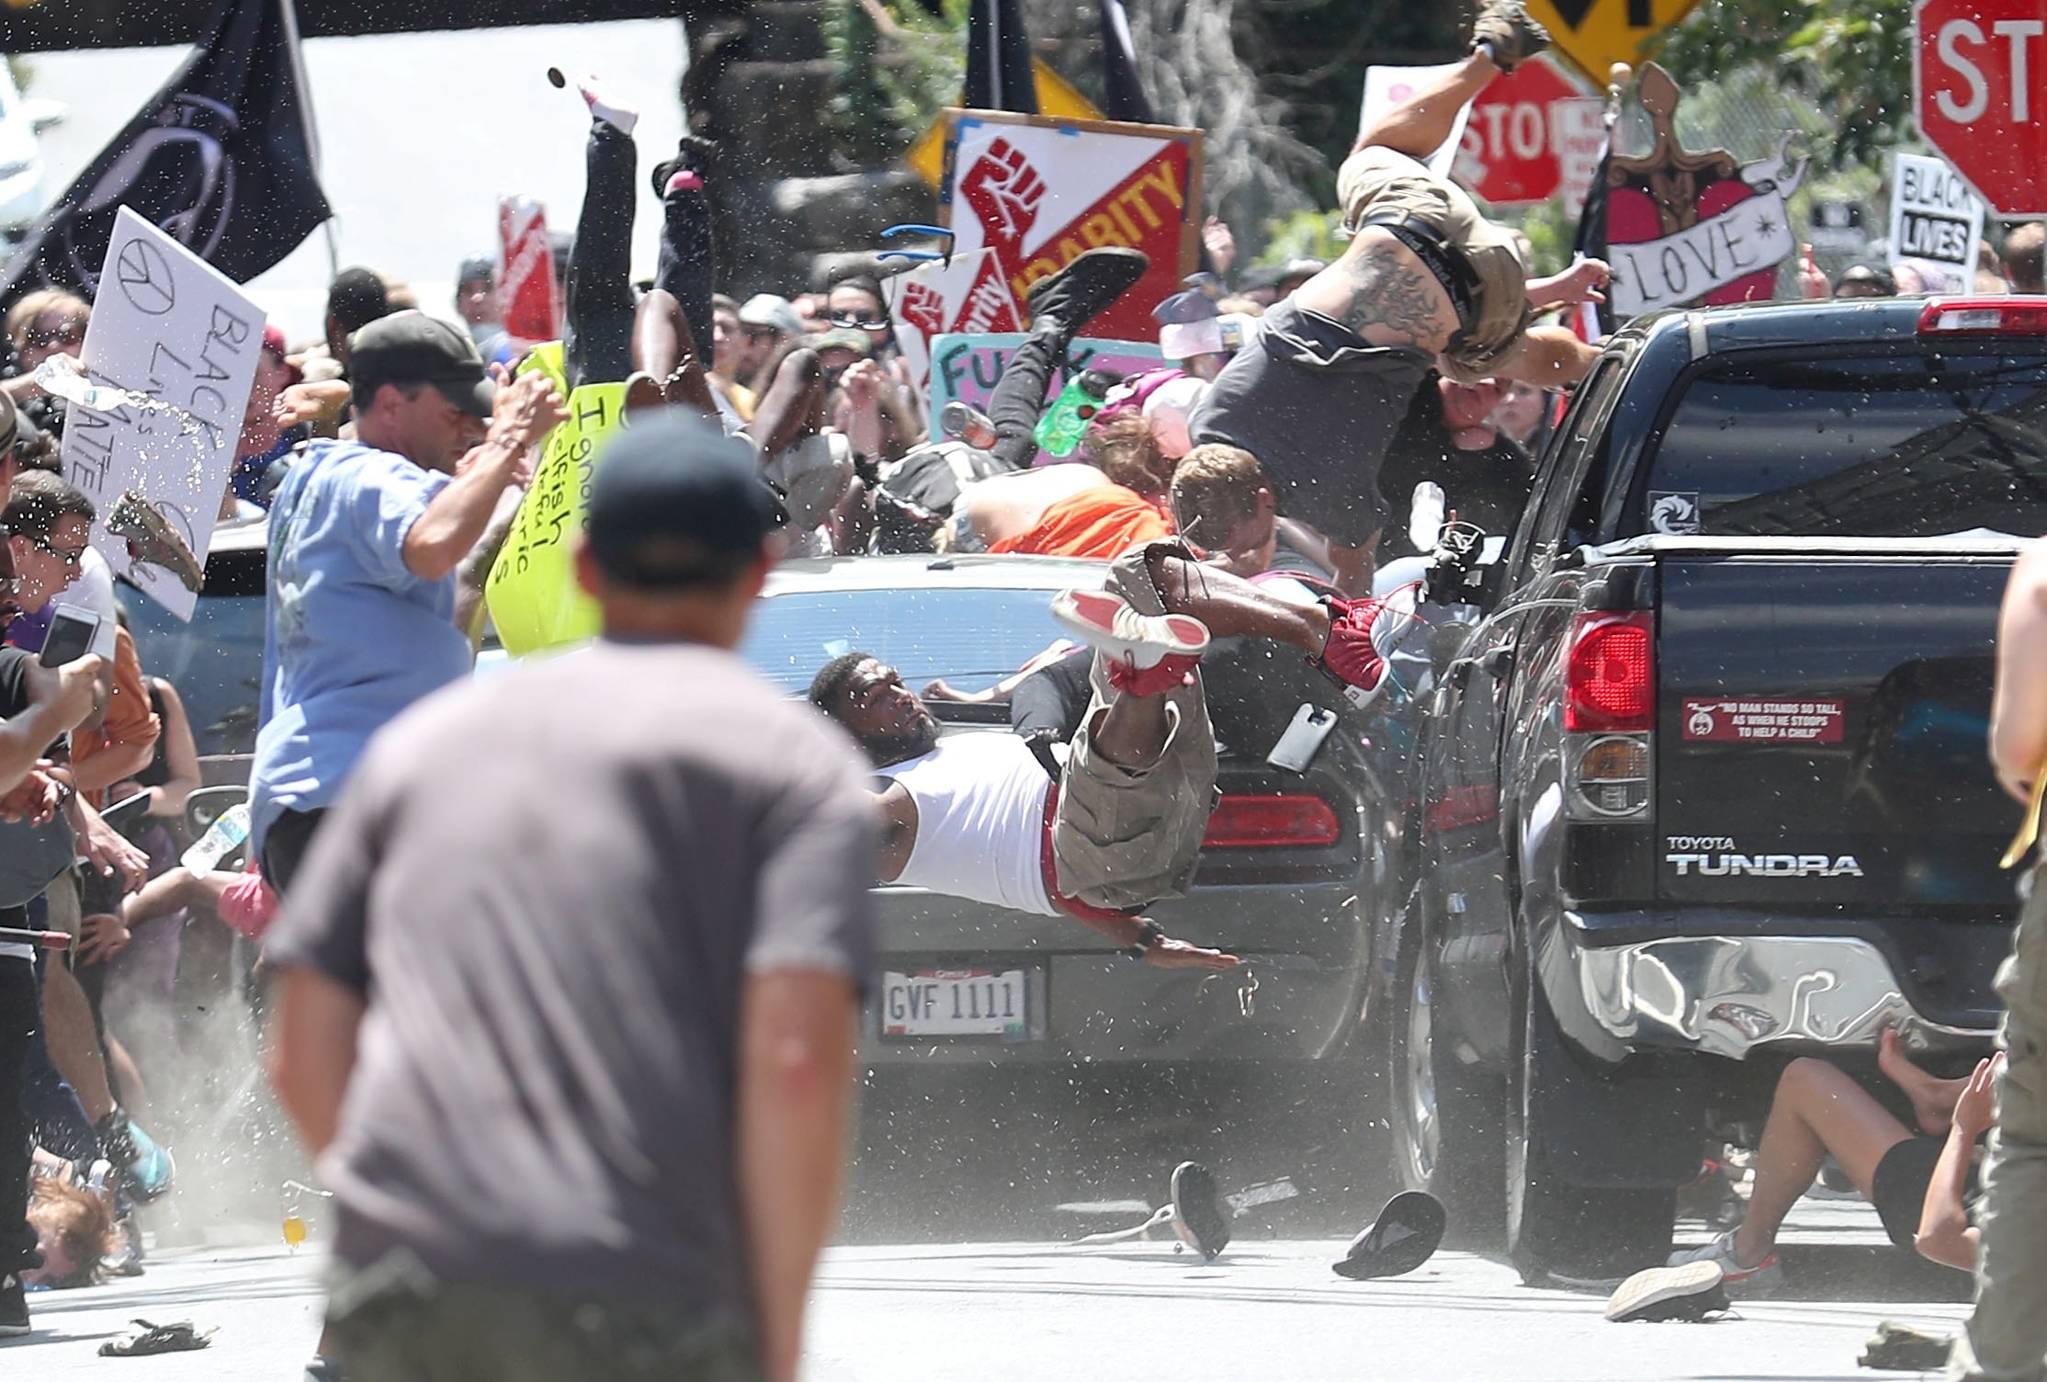 Ryan Kelly of The Daily Progress은 시위 사진으로 브레이킹 뉴스 사진 부문에 선정됐다. 지난해 미국 버지니아 주 샤롯츠 빌 시내 몰의 NE 4번가를 행진하는 시위대를 향해 차량이 돌진해 충돌한 시민들이 날아가고 있다. [EPA=연합뉴스]